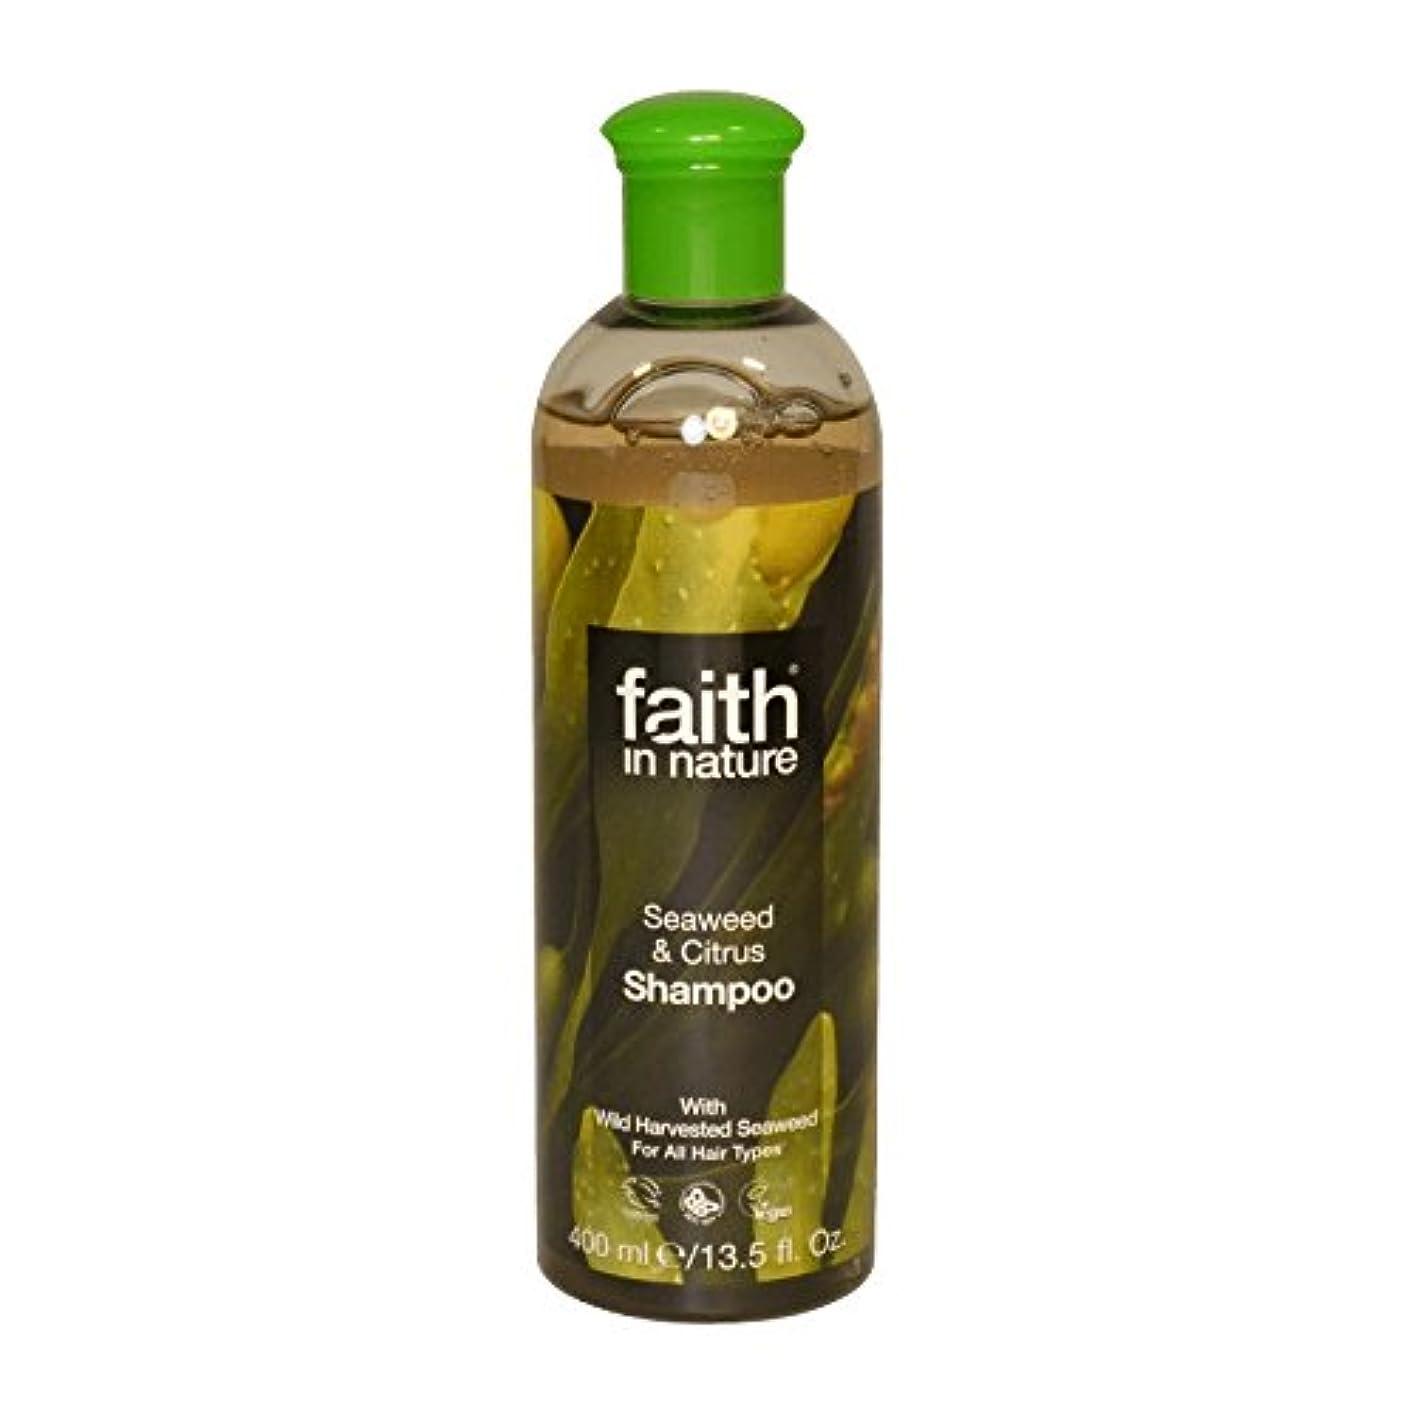 ご近所独立無効にする自然の海藻&シトラスシャンプー400ミリリットルの信仰 - Faith in Nature Seaweed & Citrus Shampoo 400ml (Faith in Nature) [並行輸入品]